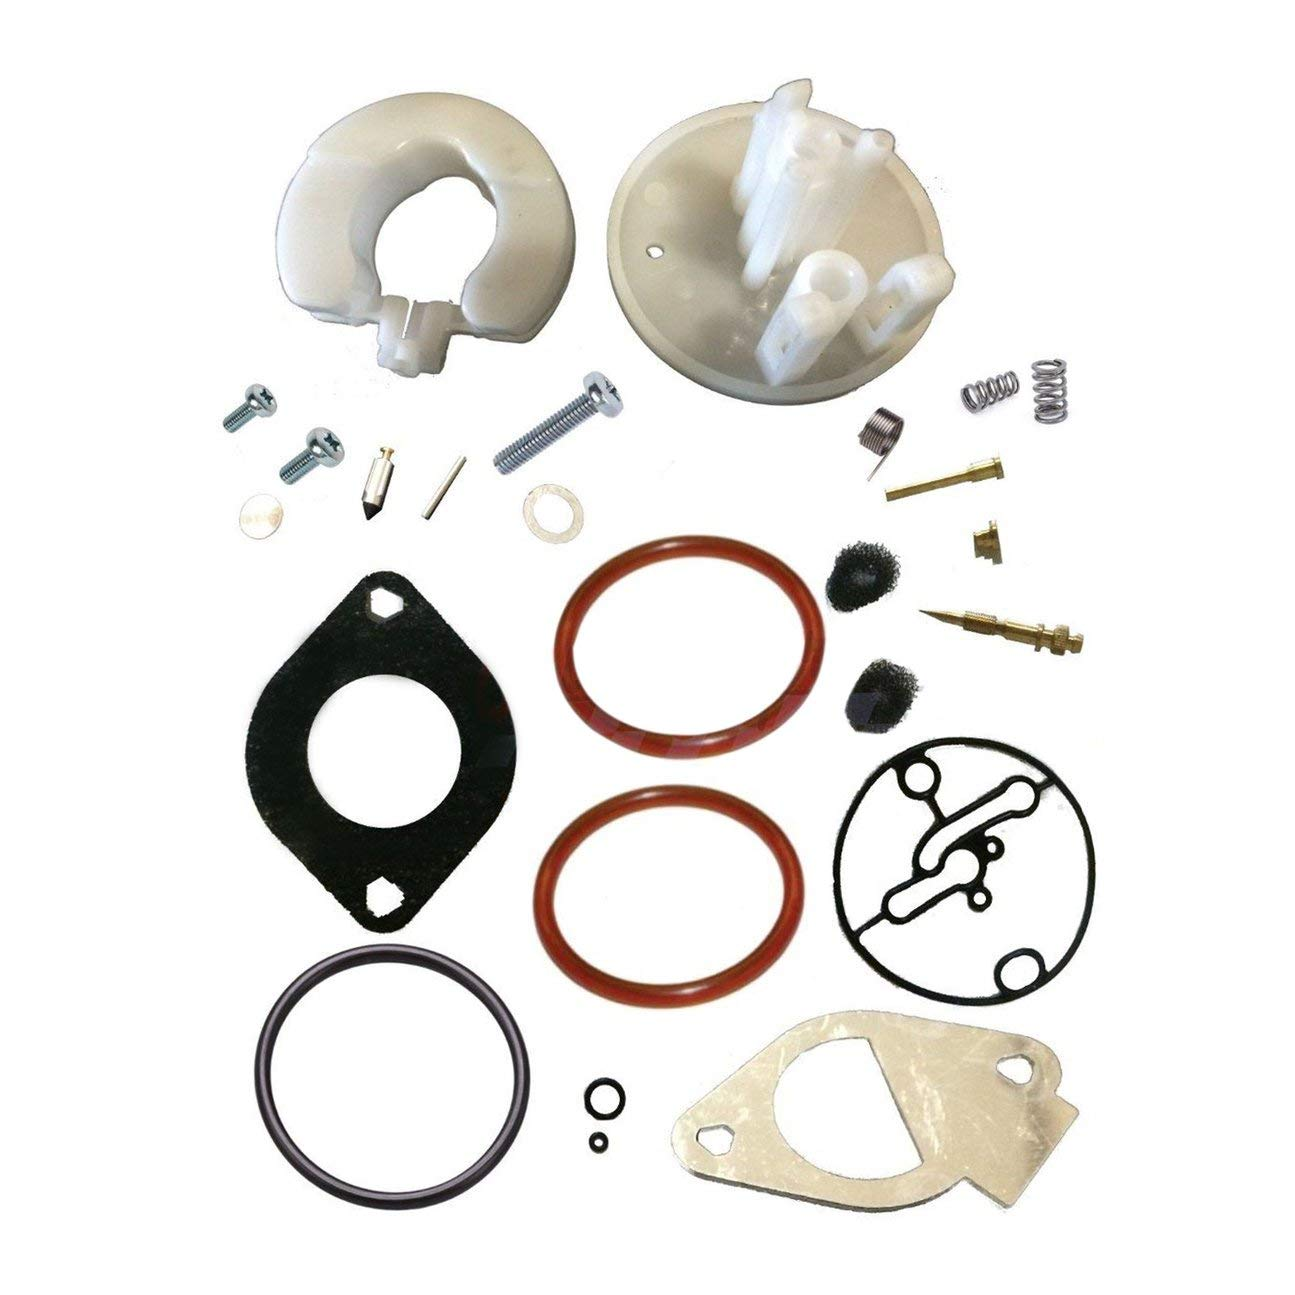 Kit de r/éparation de Voiture ma/ître pour kit de r/éparation de carburateur Convient pour Briggs pour Stratton pour Nikki pour Craftsman pour Moteurs 11HP-19HP Multicolore